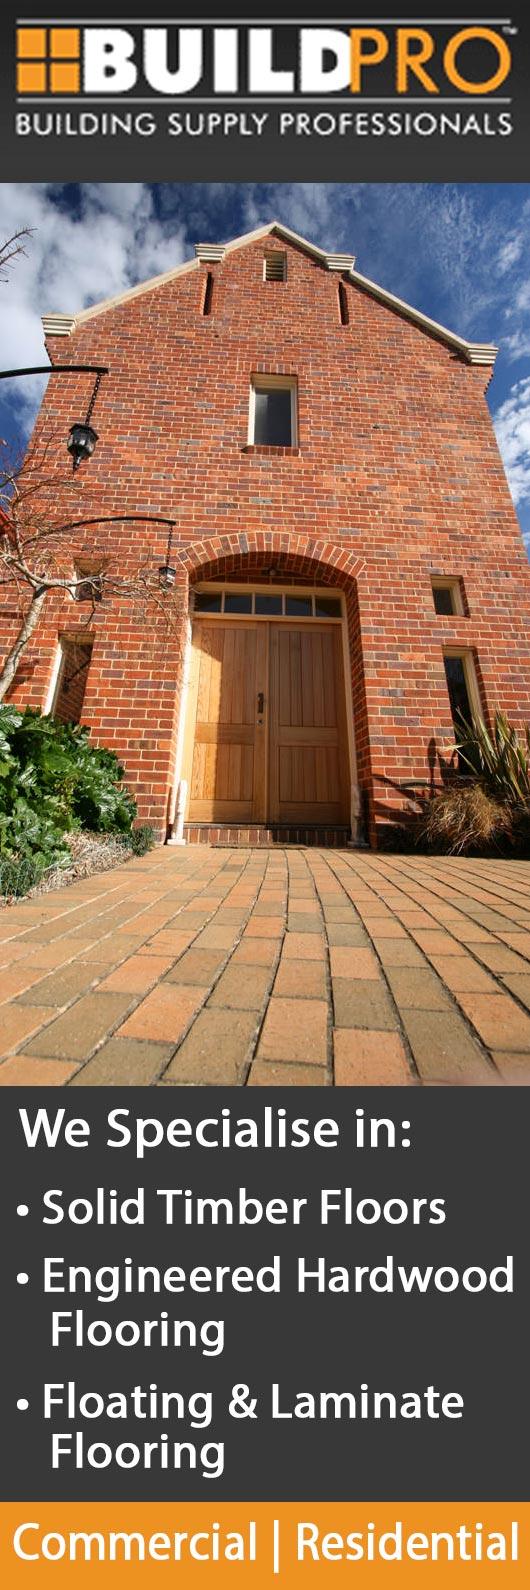 Welsh S Buildpro Floor Tiles Amp Wall Tiles 24